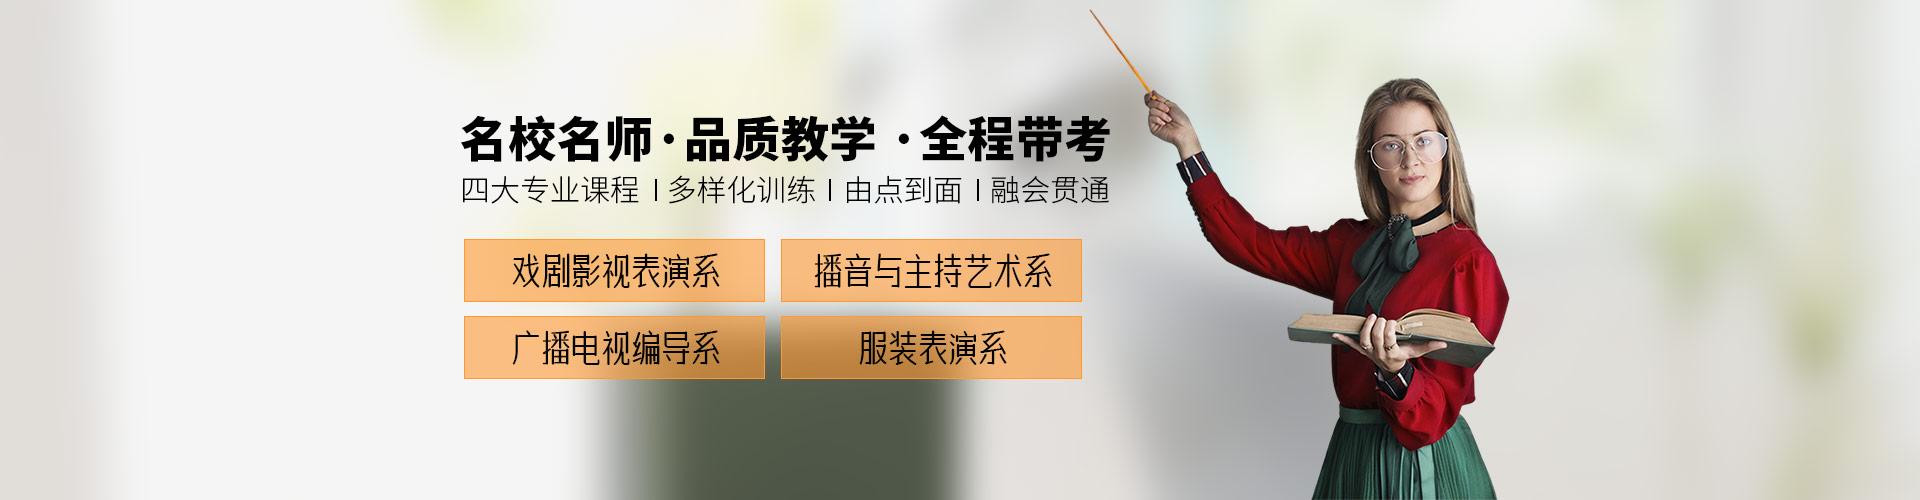 武汉星艺传媒